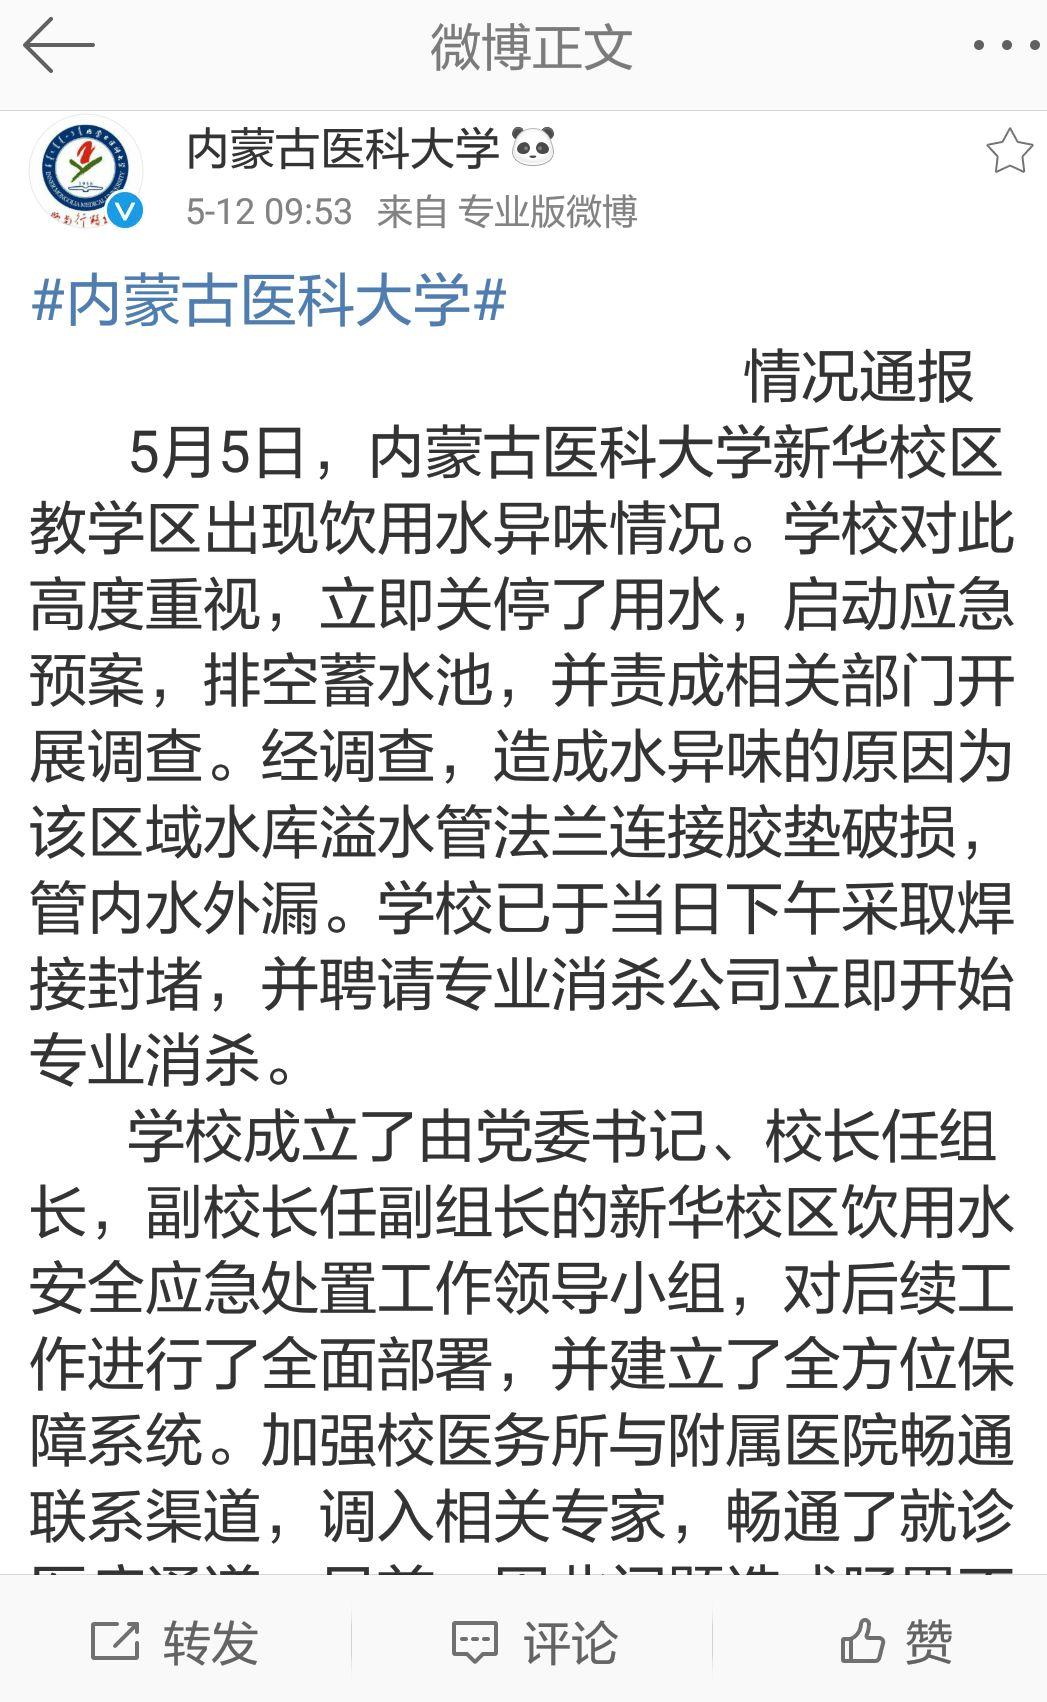 【内蒙新闻】内蒙古一大学饮水出现异味致学生腹泻 校方回应……